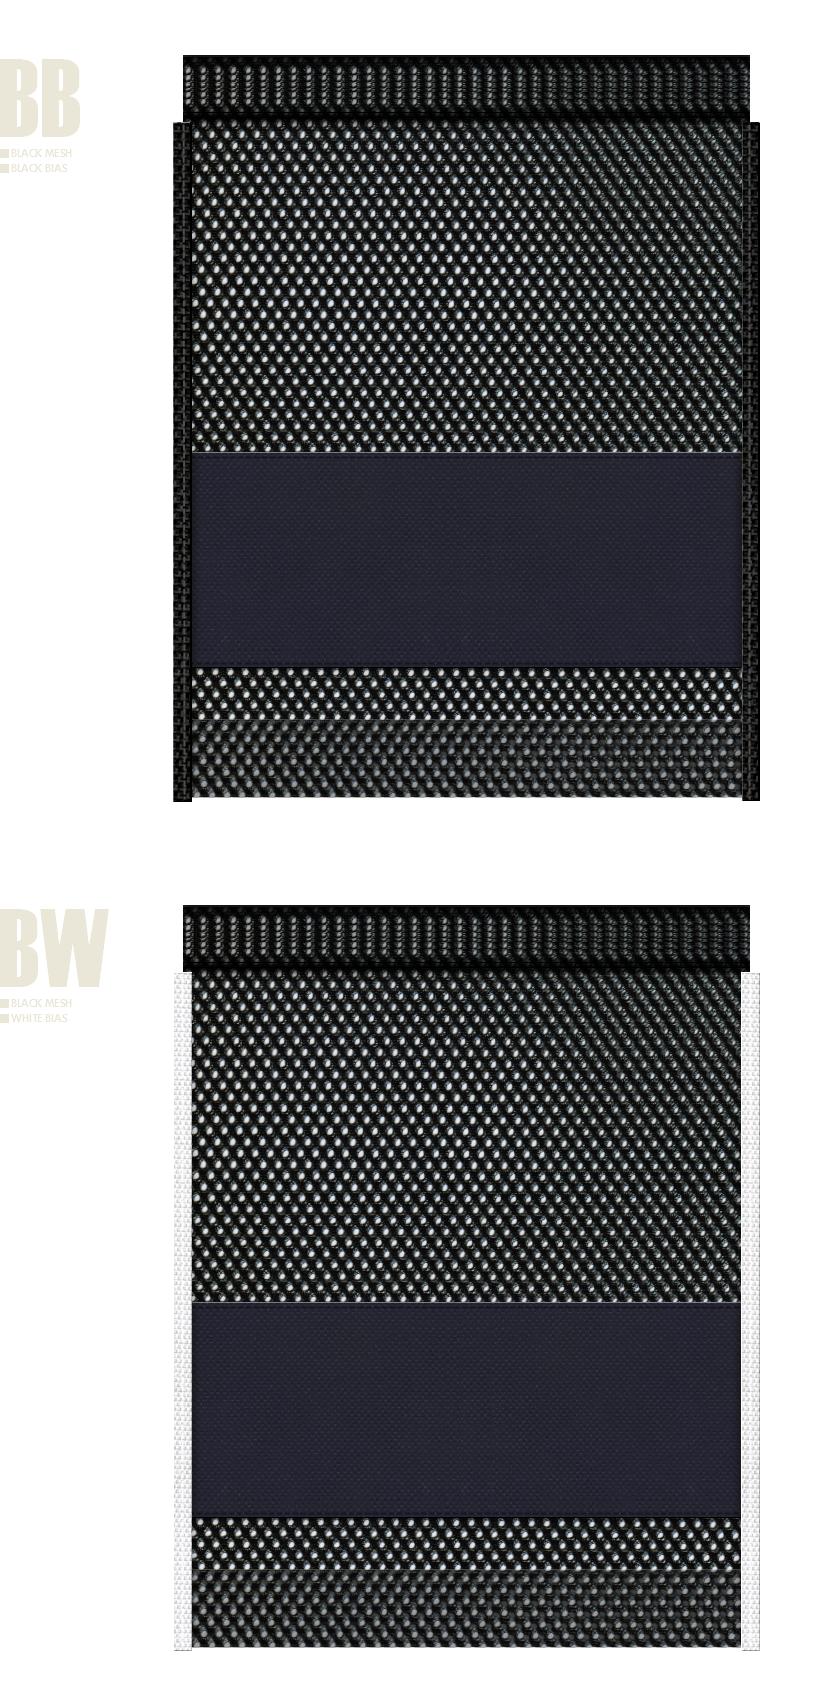 黒色メッシュと濃紺色不織布のメッシュバッグカラーシミュレーション:キャンプ用品・アウトドア用品・スポーツ用品・シューズバッグにお奨め